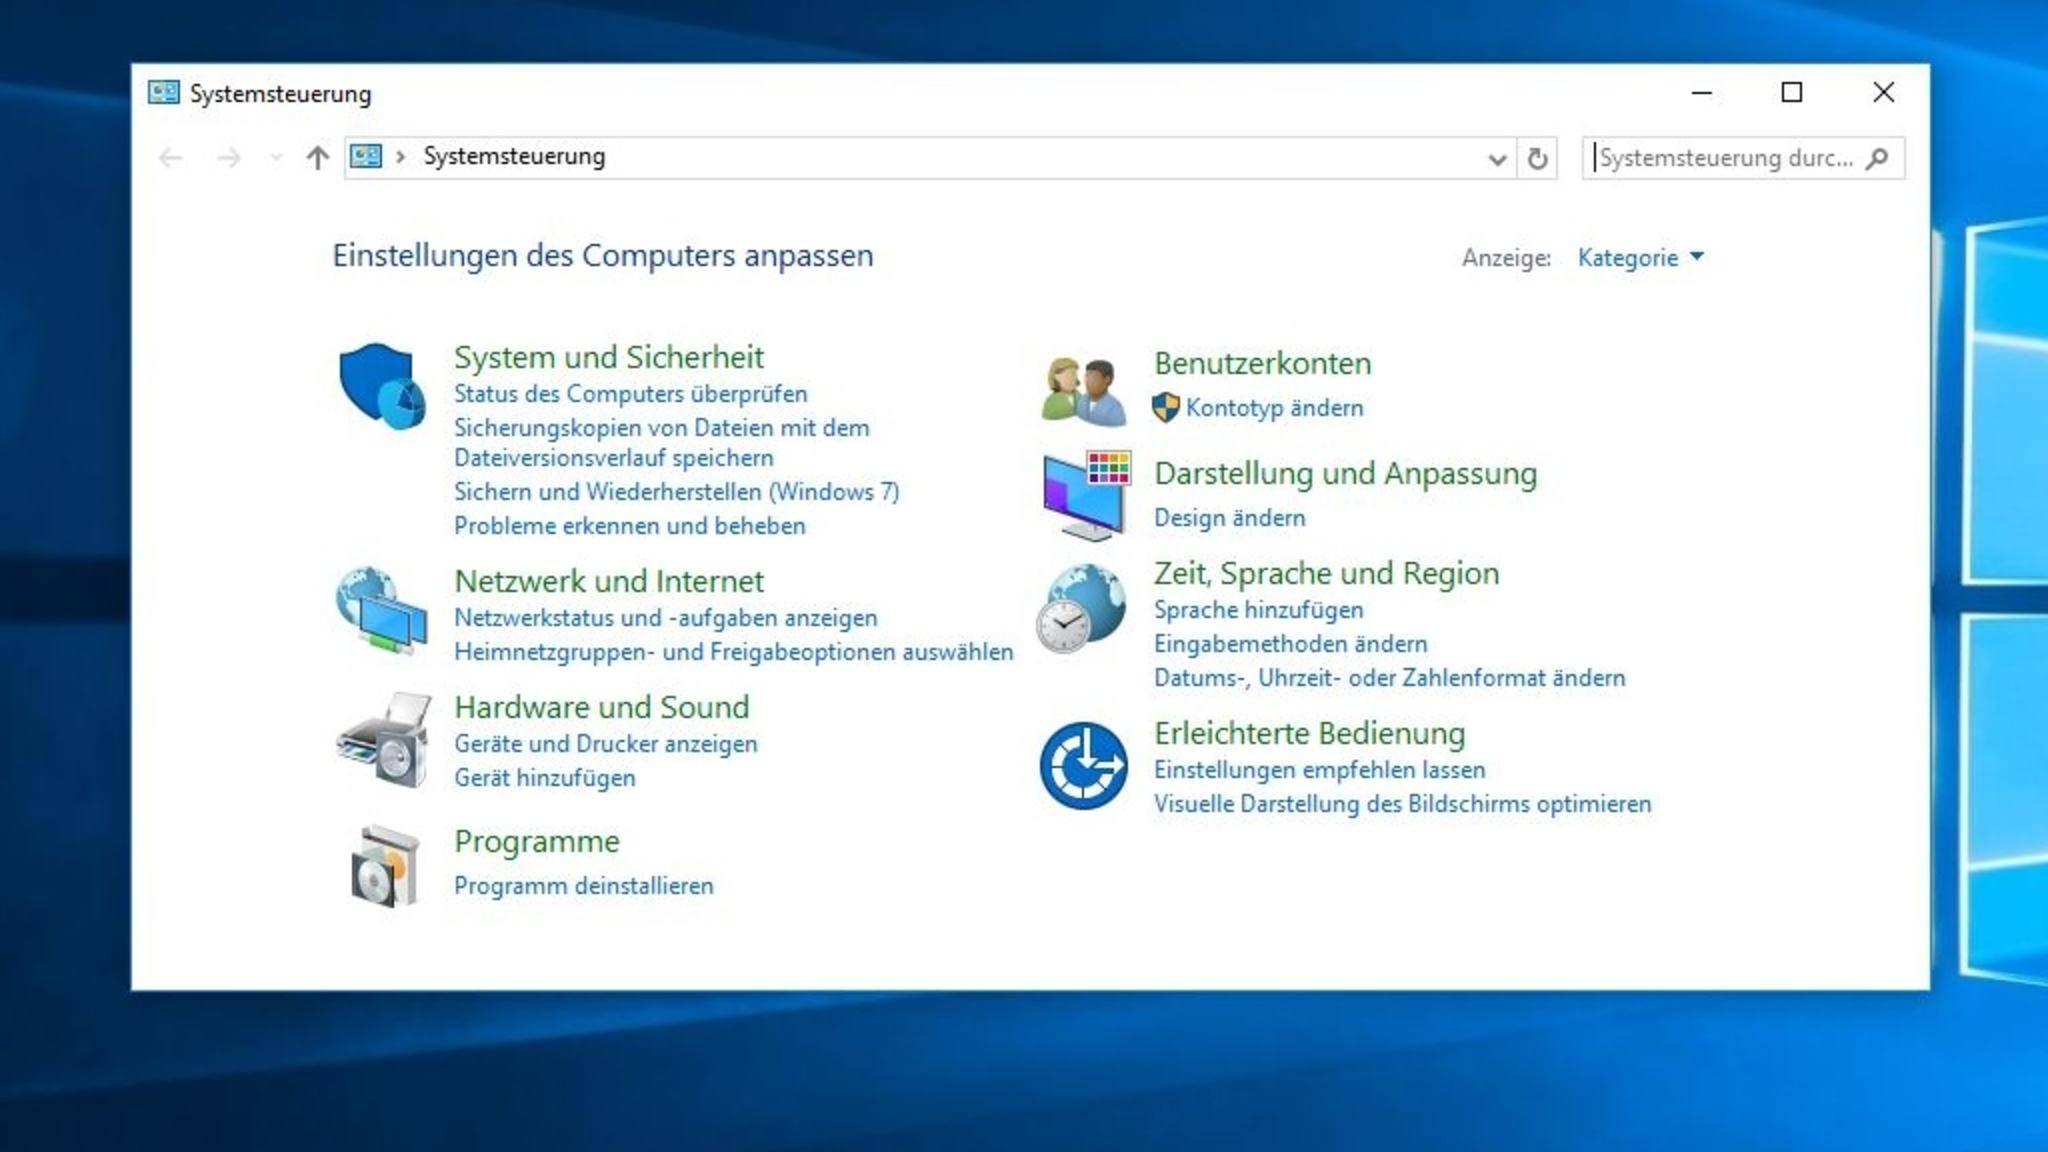 Über die Windows-Suche lässt sich die Systemsteuerung dennoch weiterhin aufrufen.